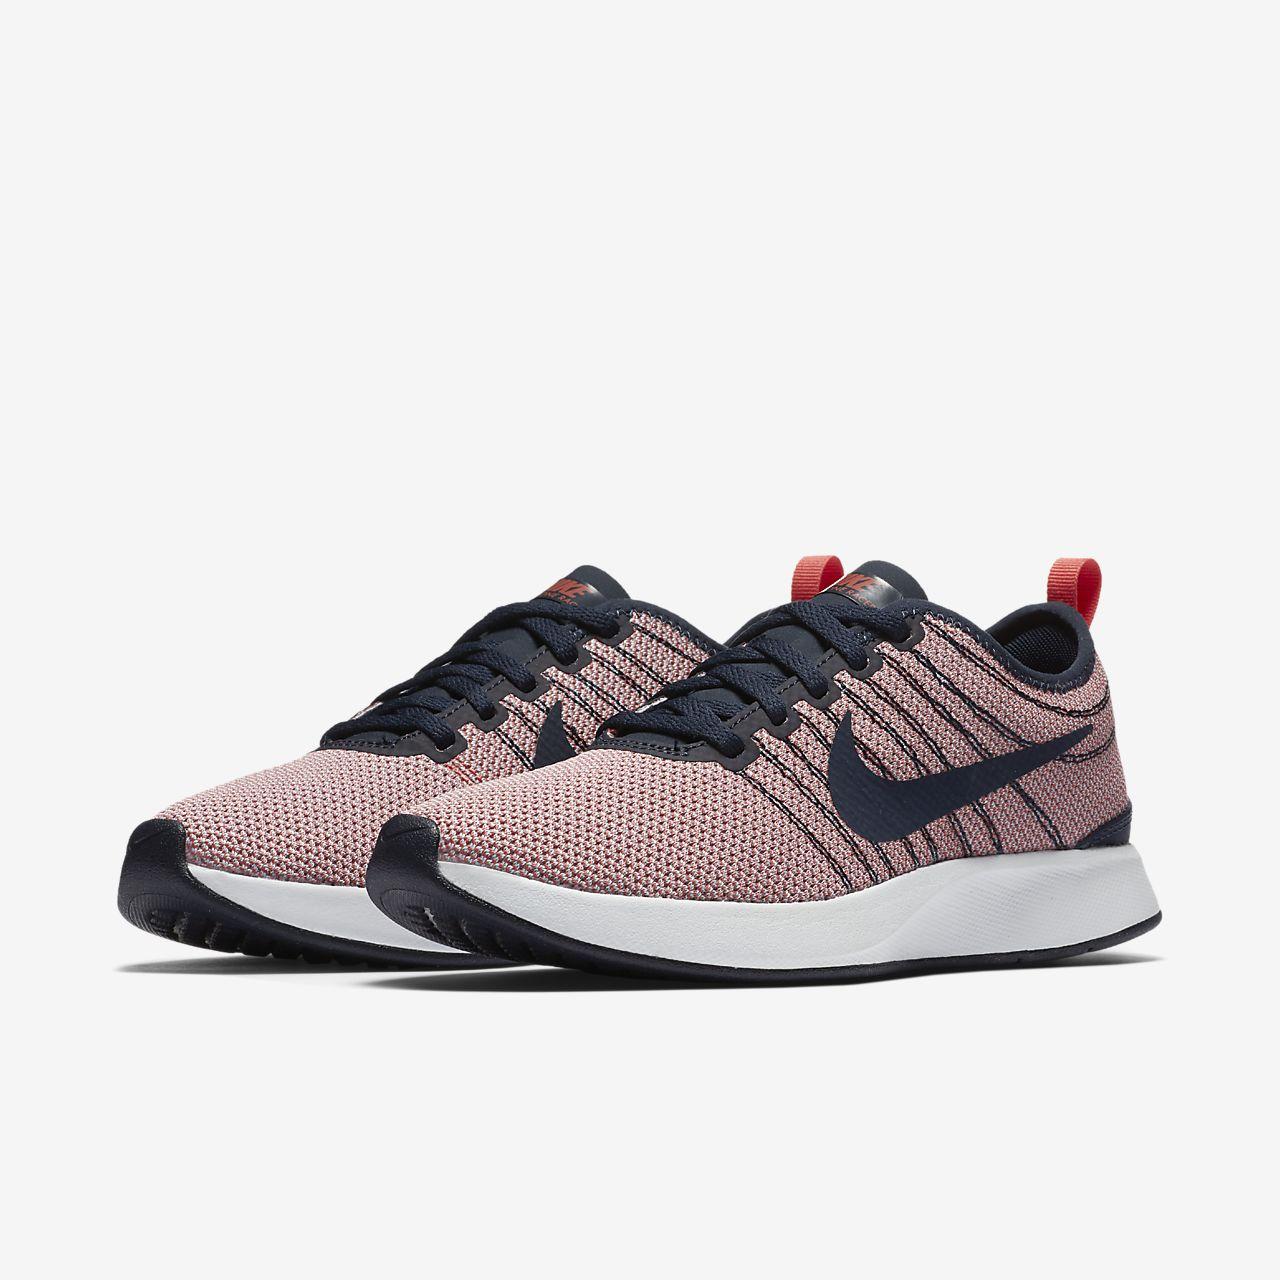 ... Nike Dualtone Racer Women's Shoe